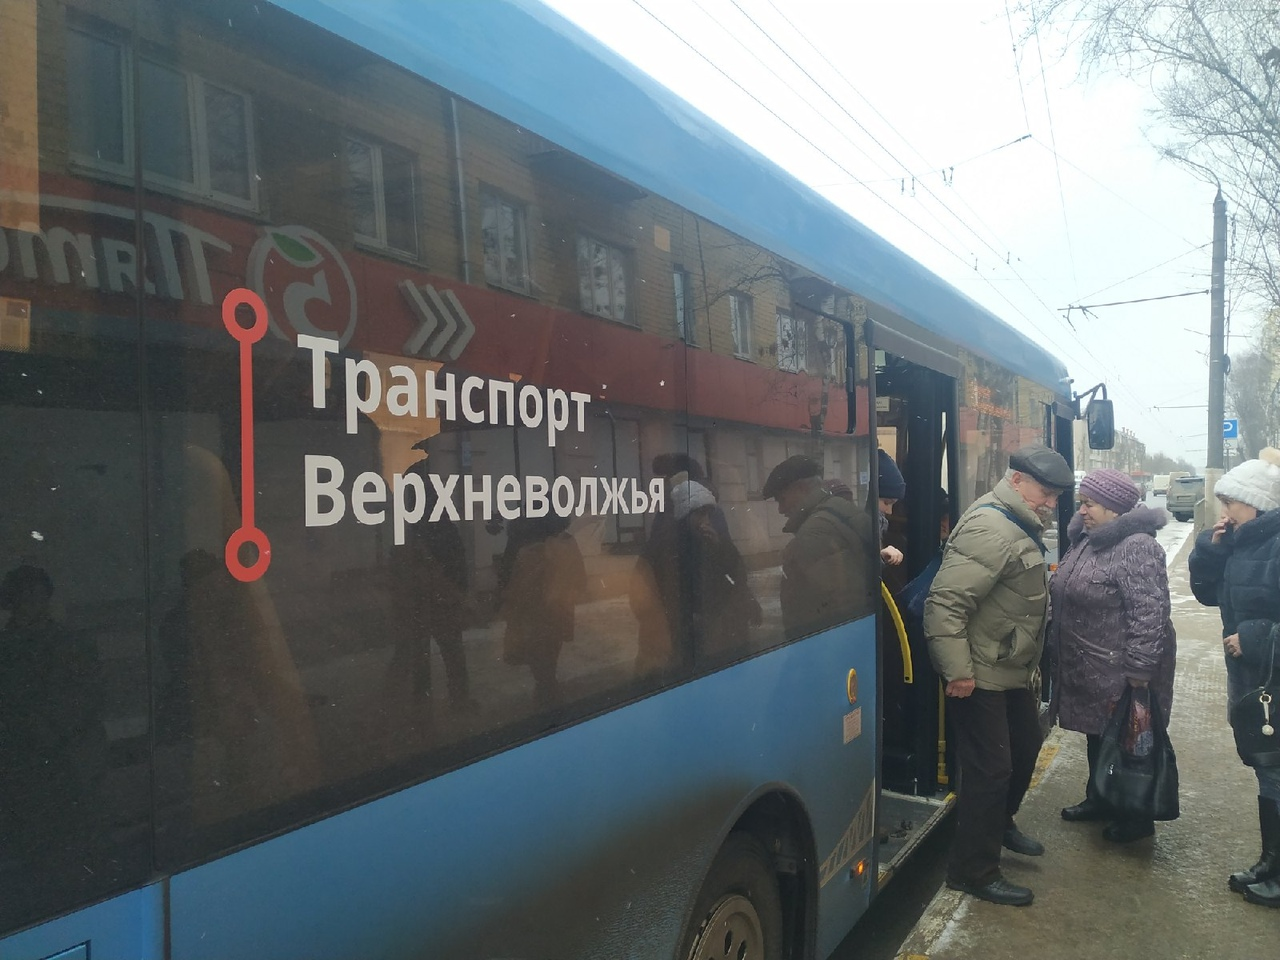 """Испытано на себе: журналист """"Тверьлайф"""" проехался в автобусе новой транспортной системы Твери"""